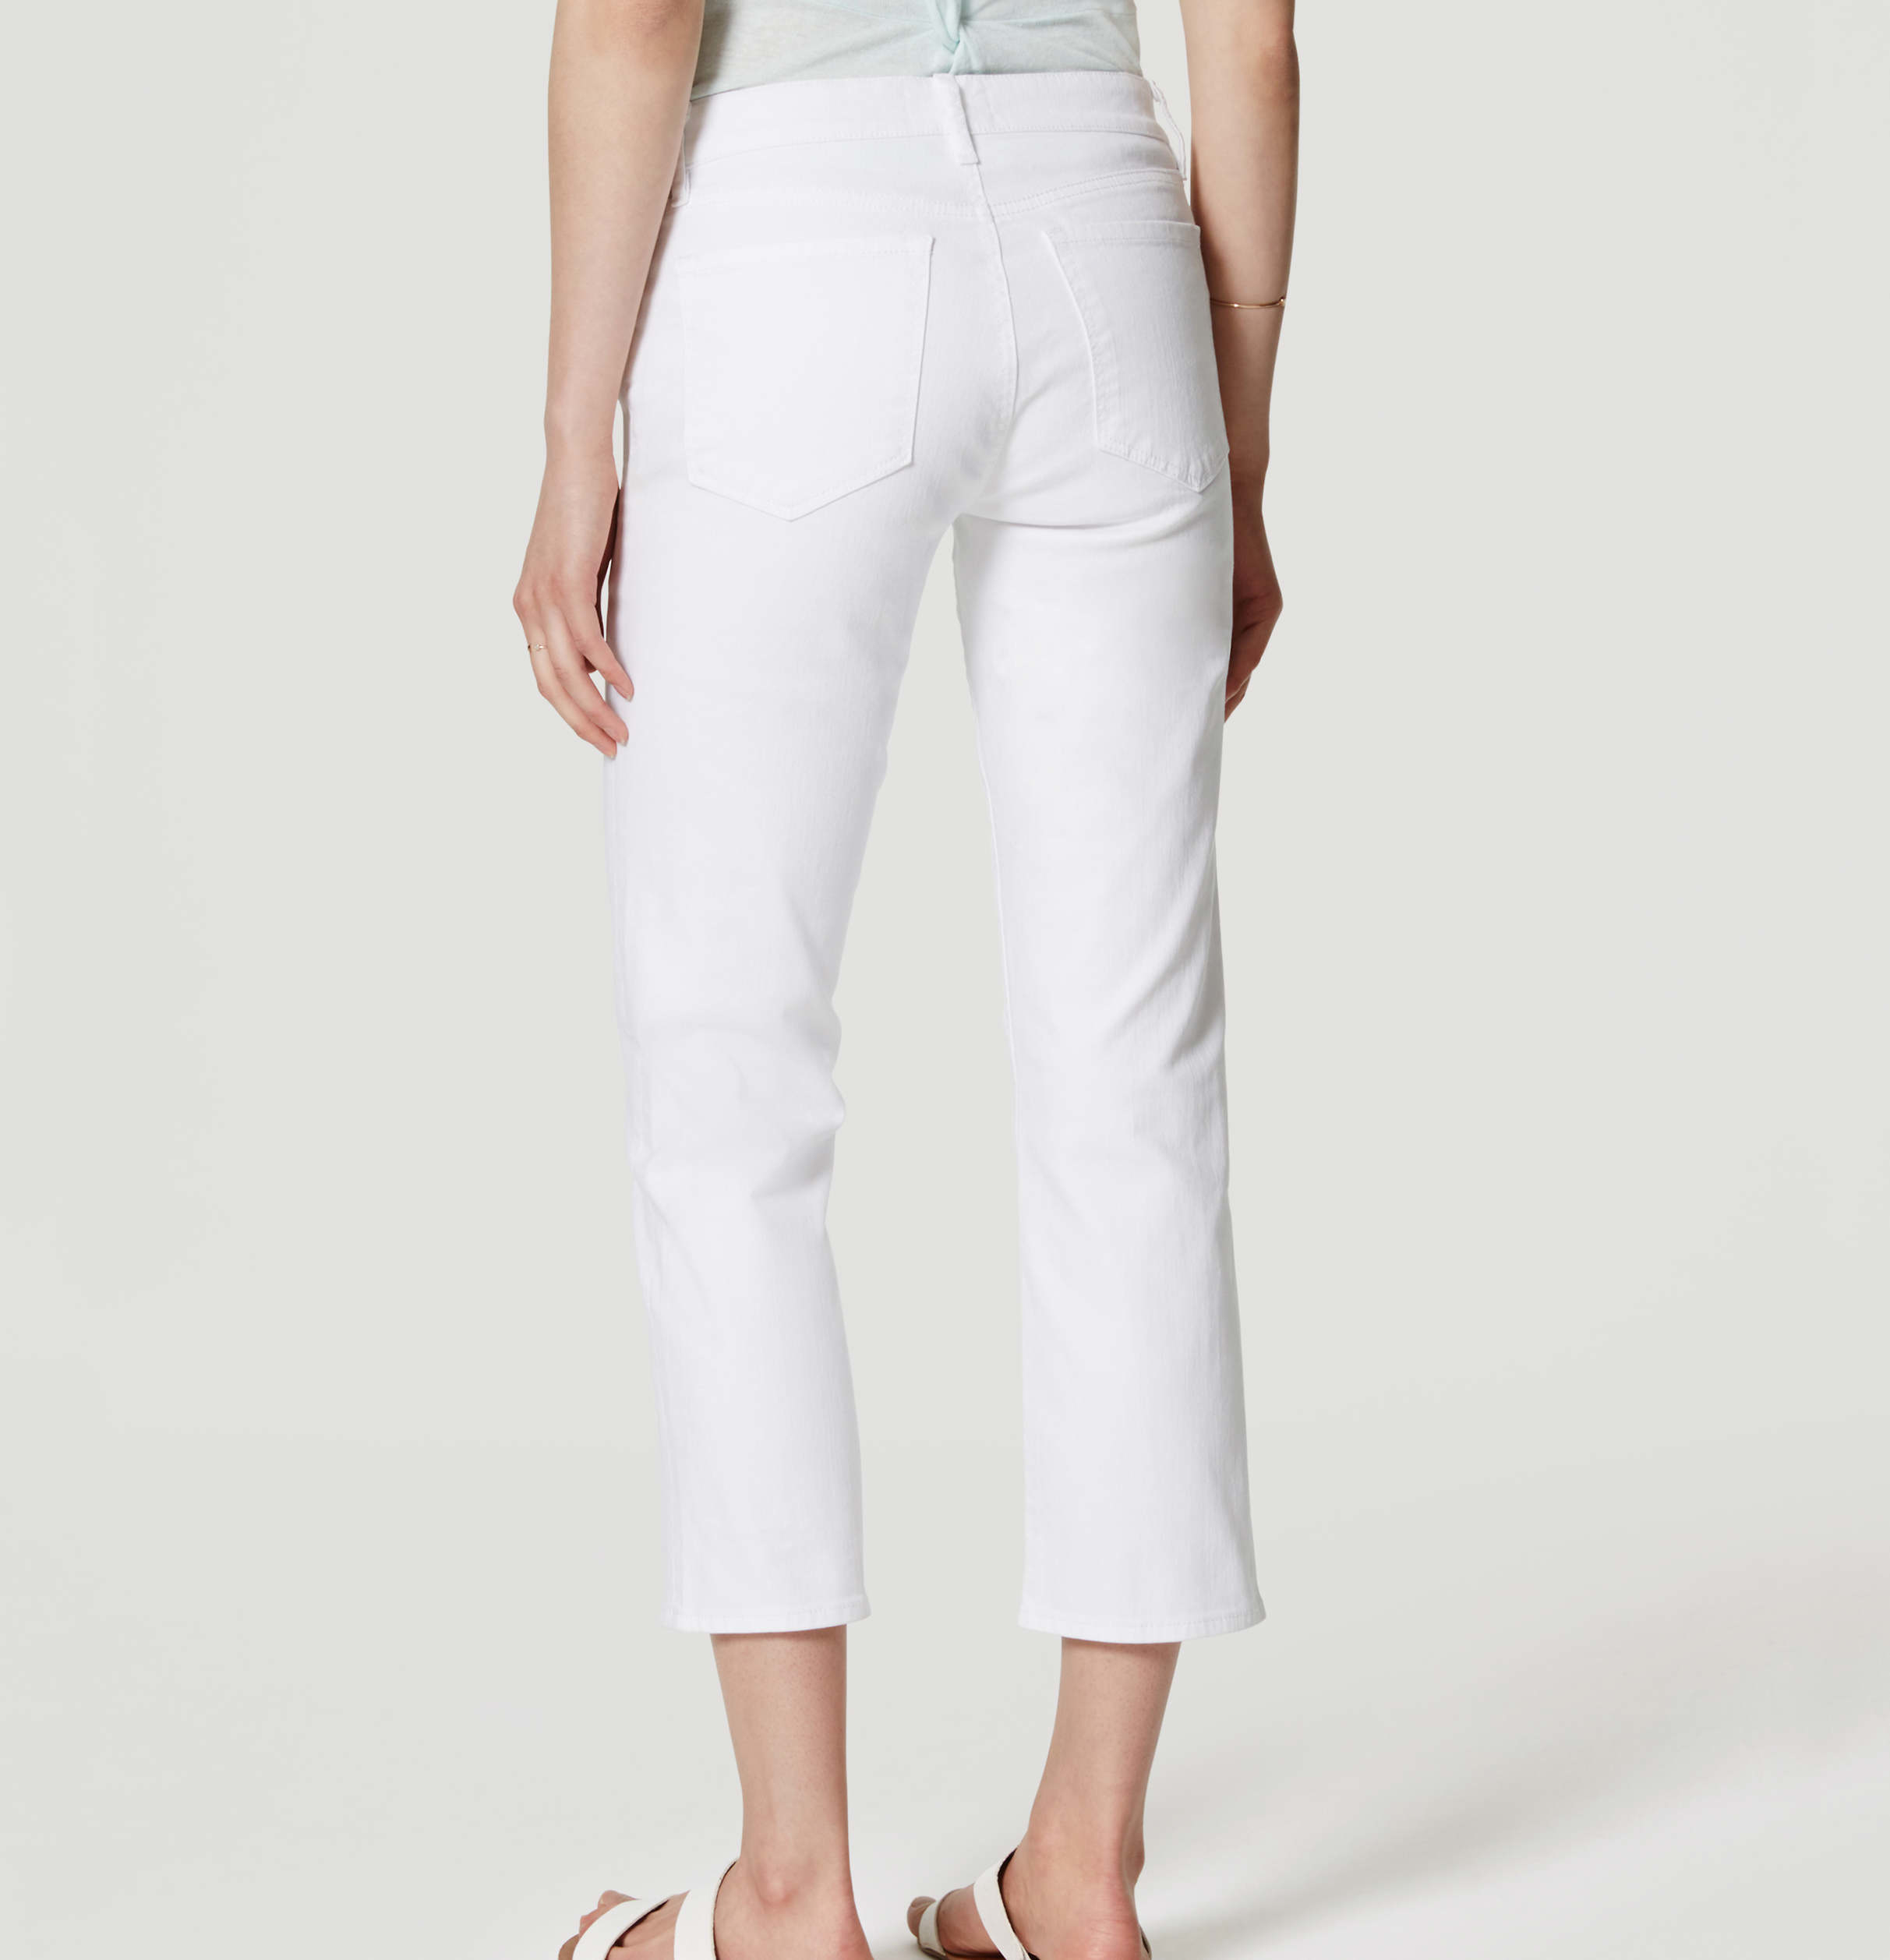 LOFT Denim Straight Crop Jeans In White